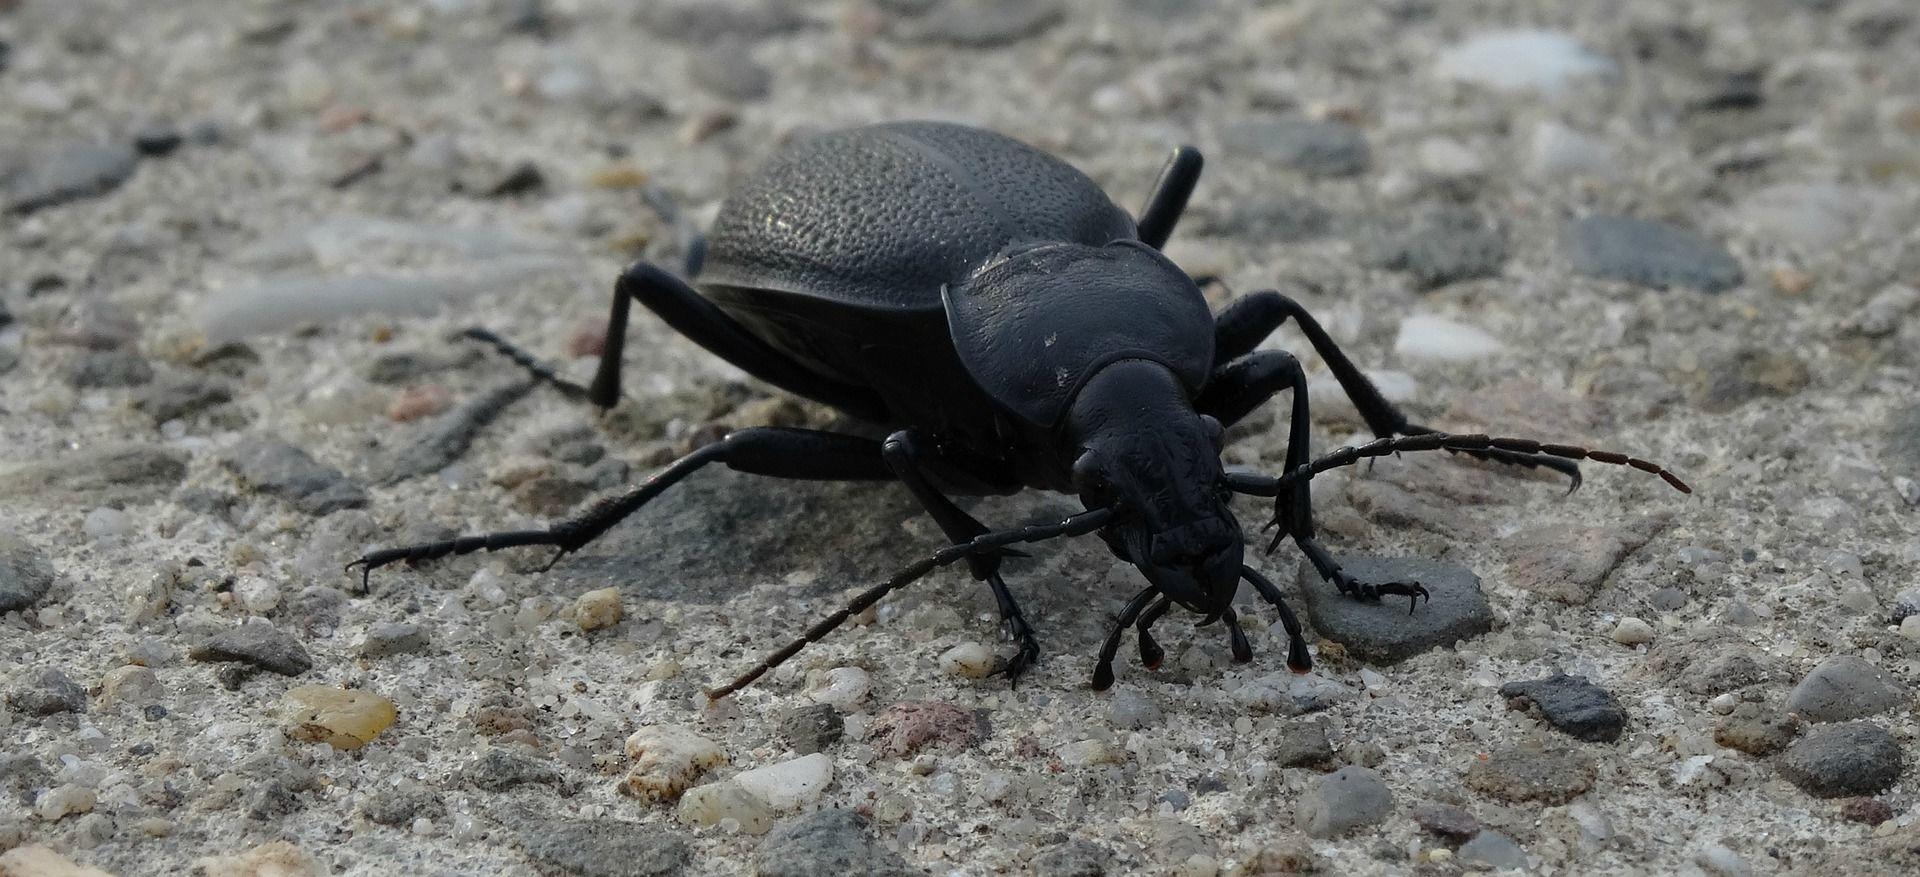 Смотреть лучшее фото черного жука на природе